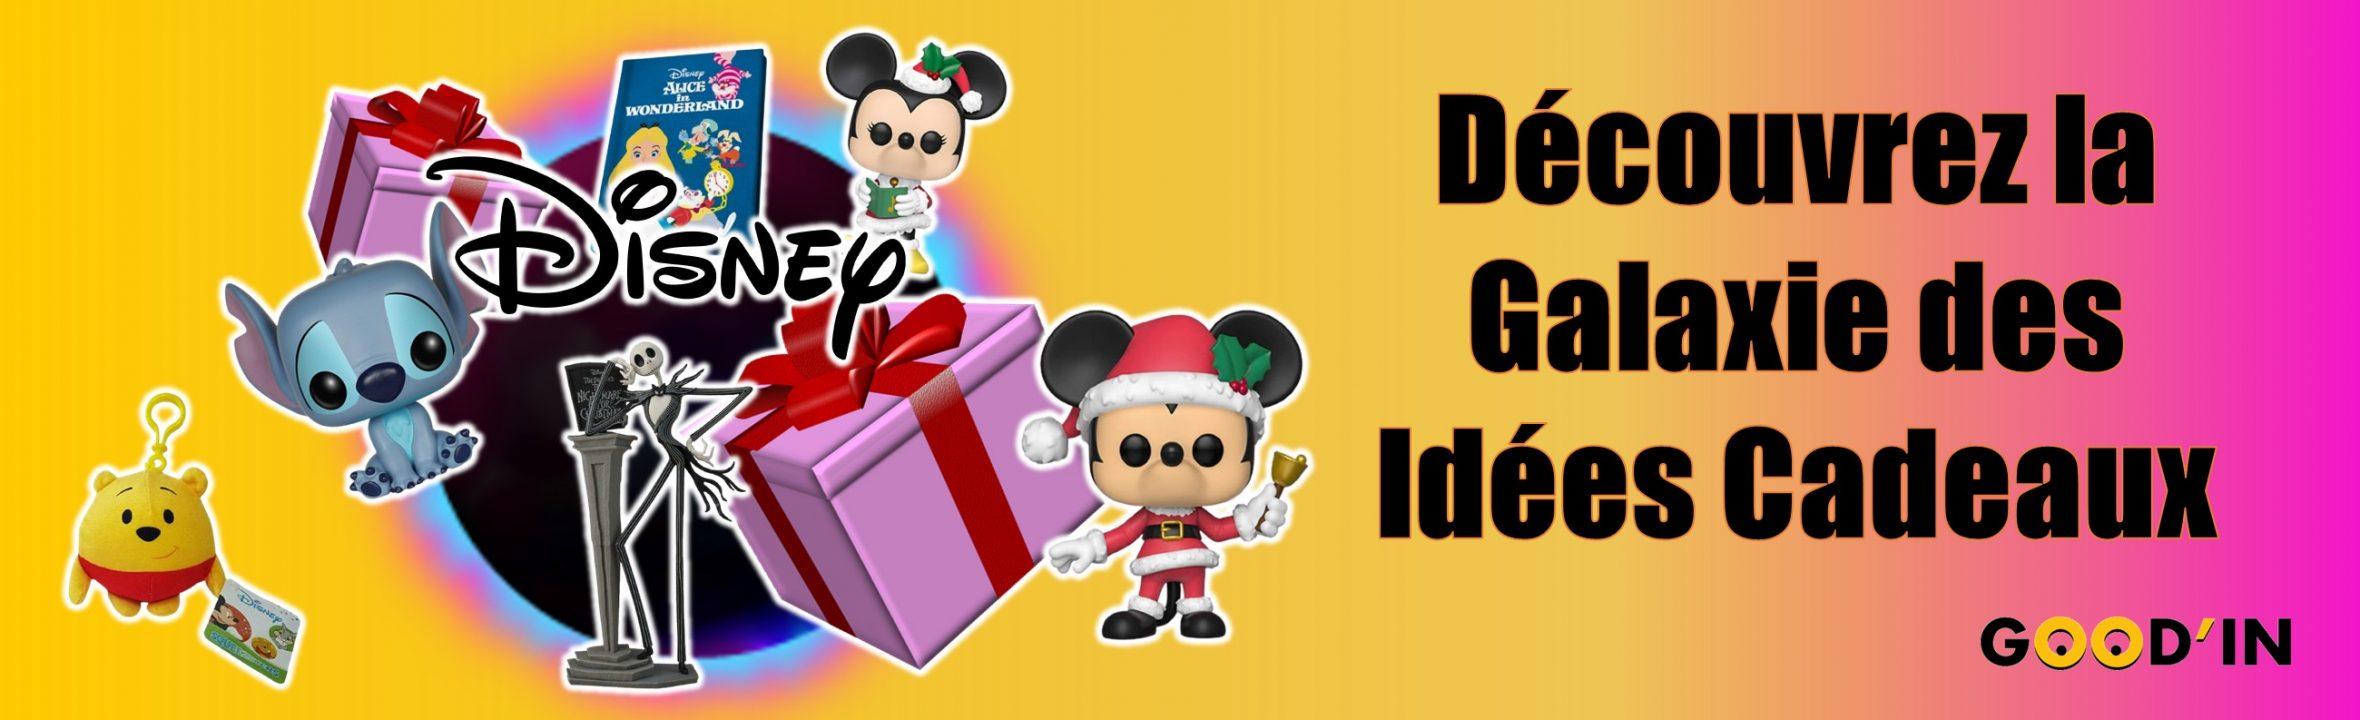 Galaxie des idées cadeaux Disney Goodin shop